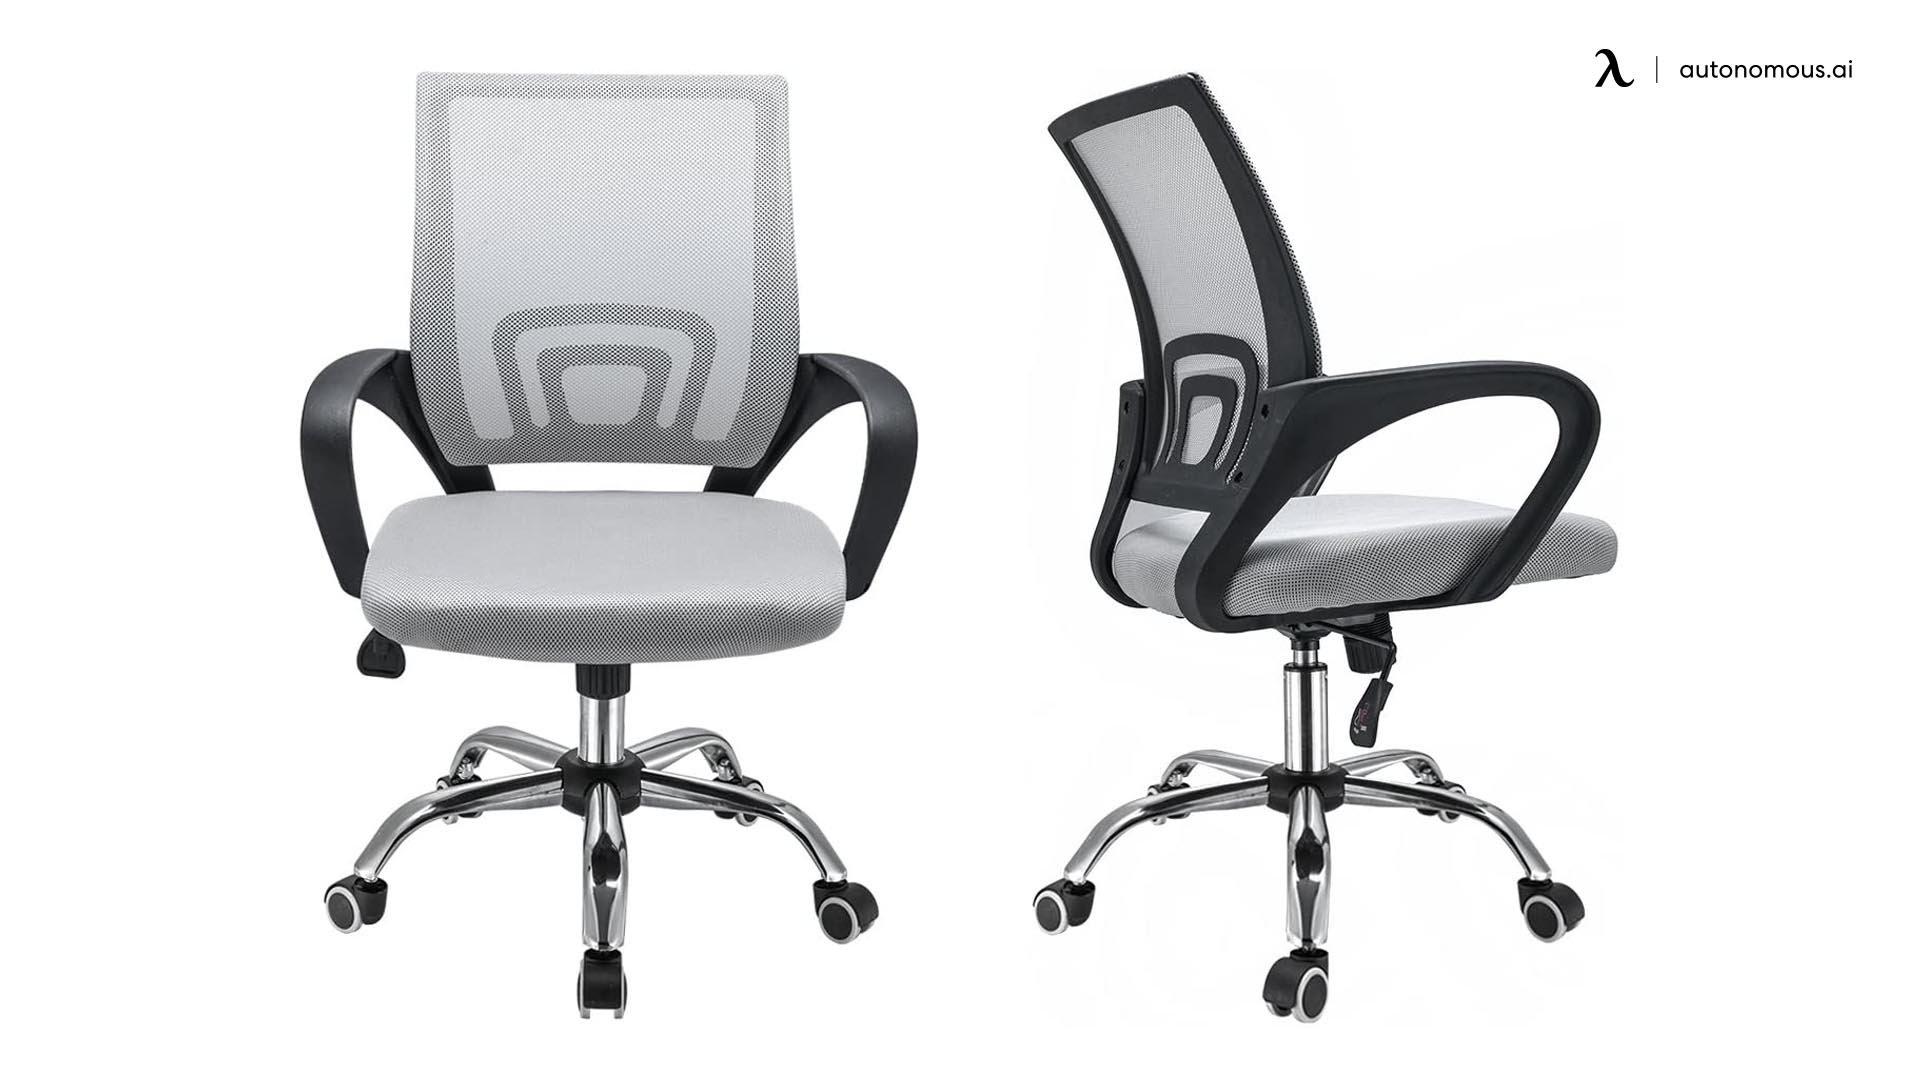 Panana Ergonomic Office Chair